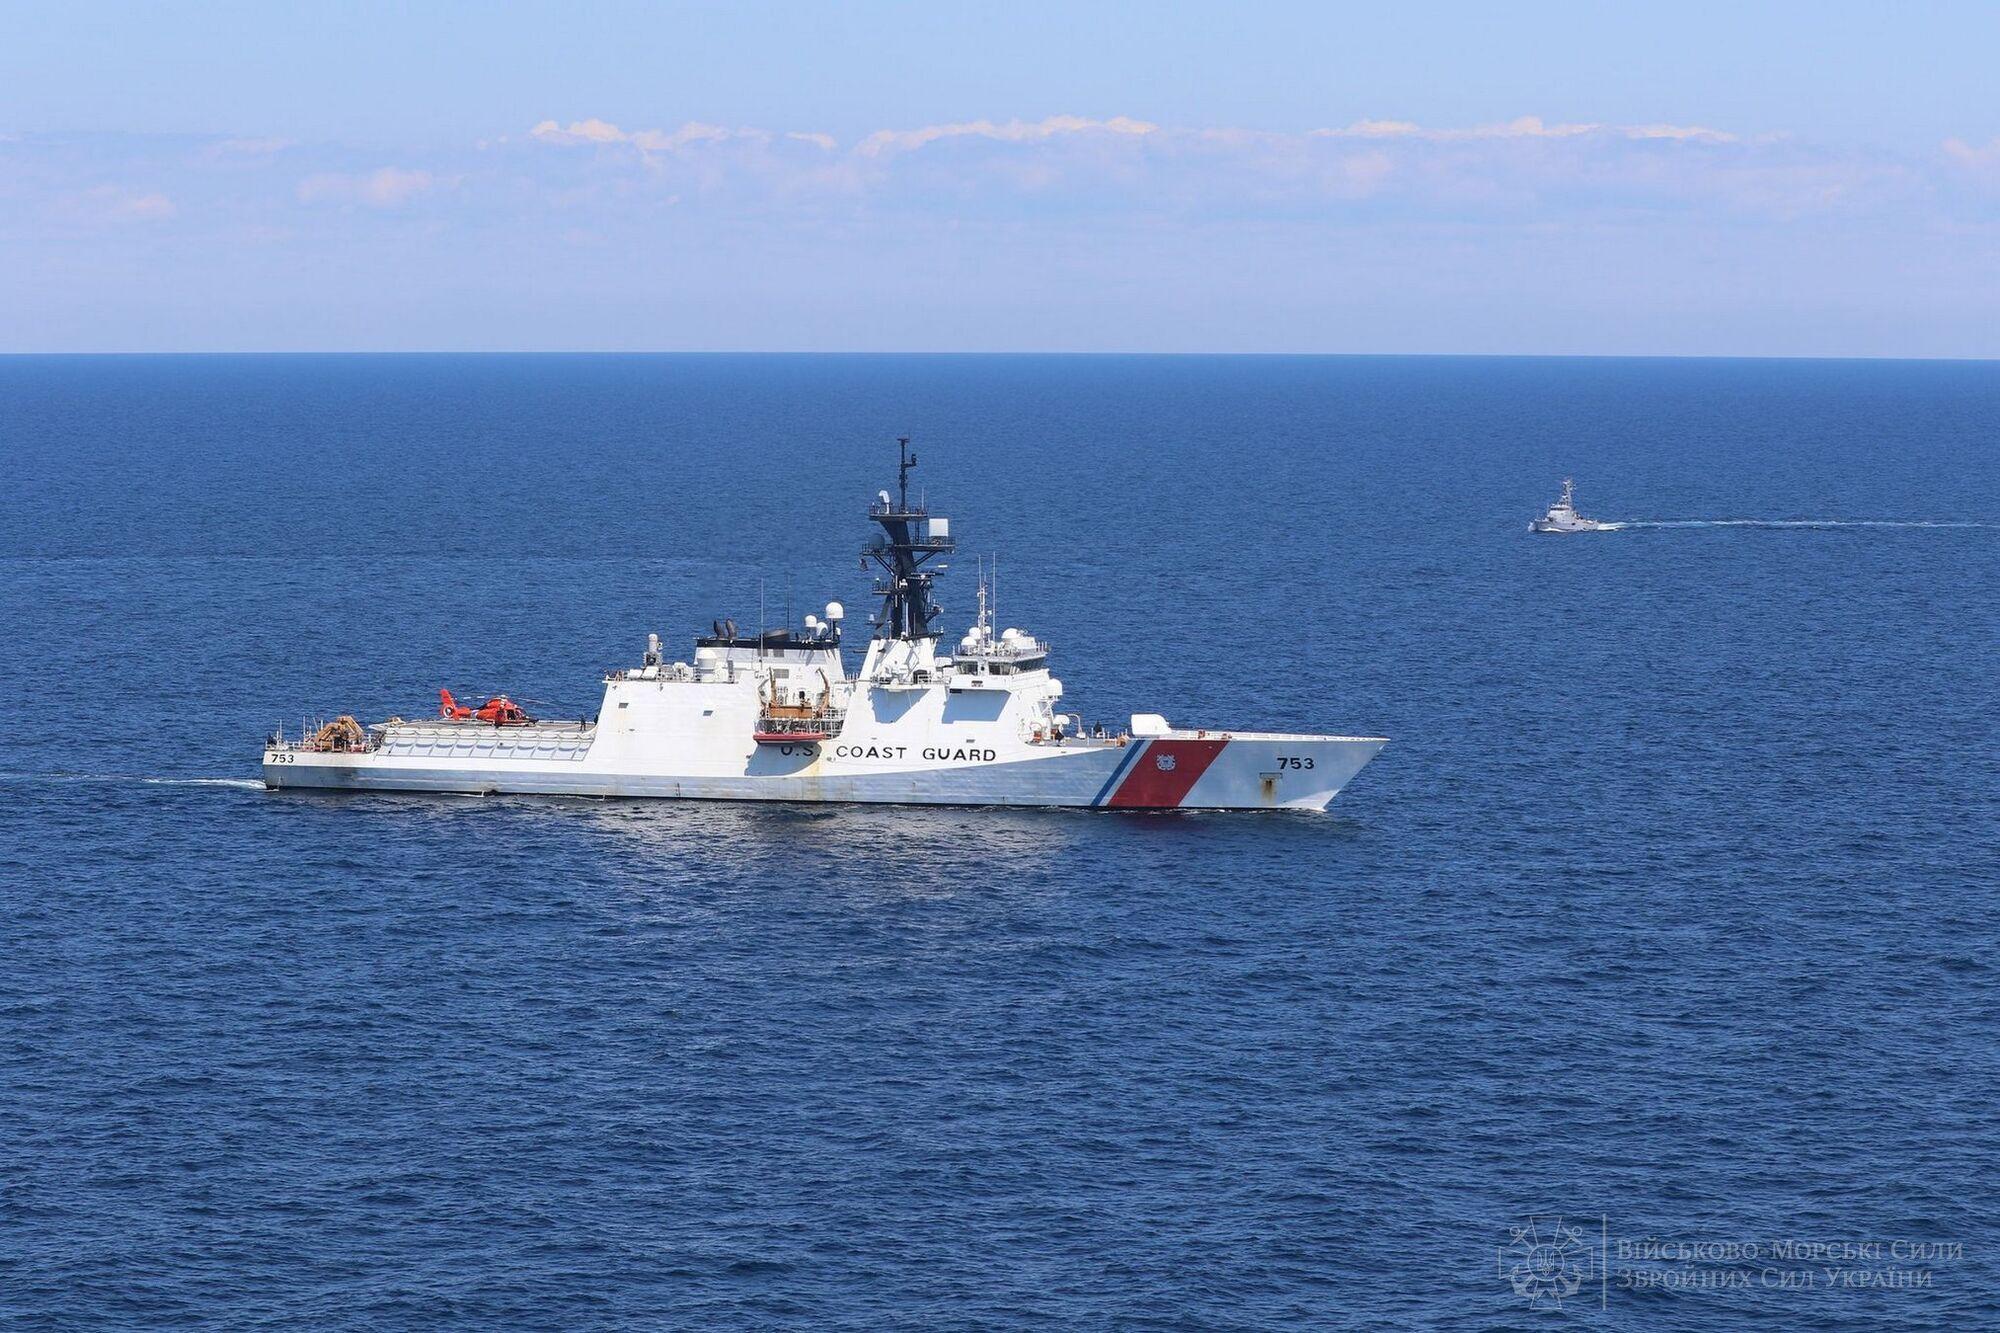 Моряки України та США тренувалися відбивати удари засобів повітряного нападу противника